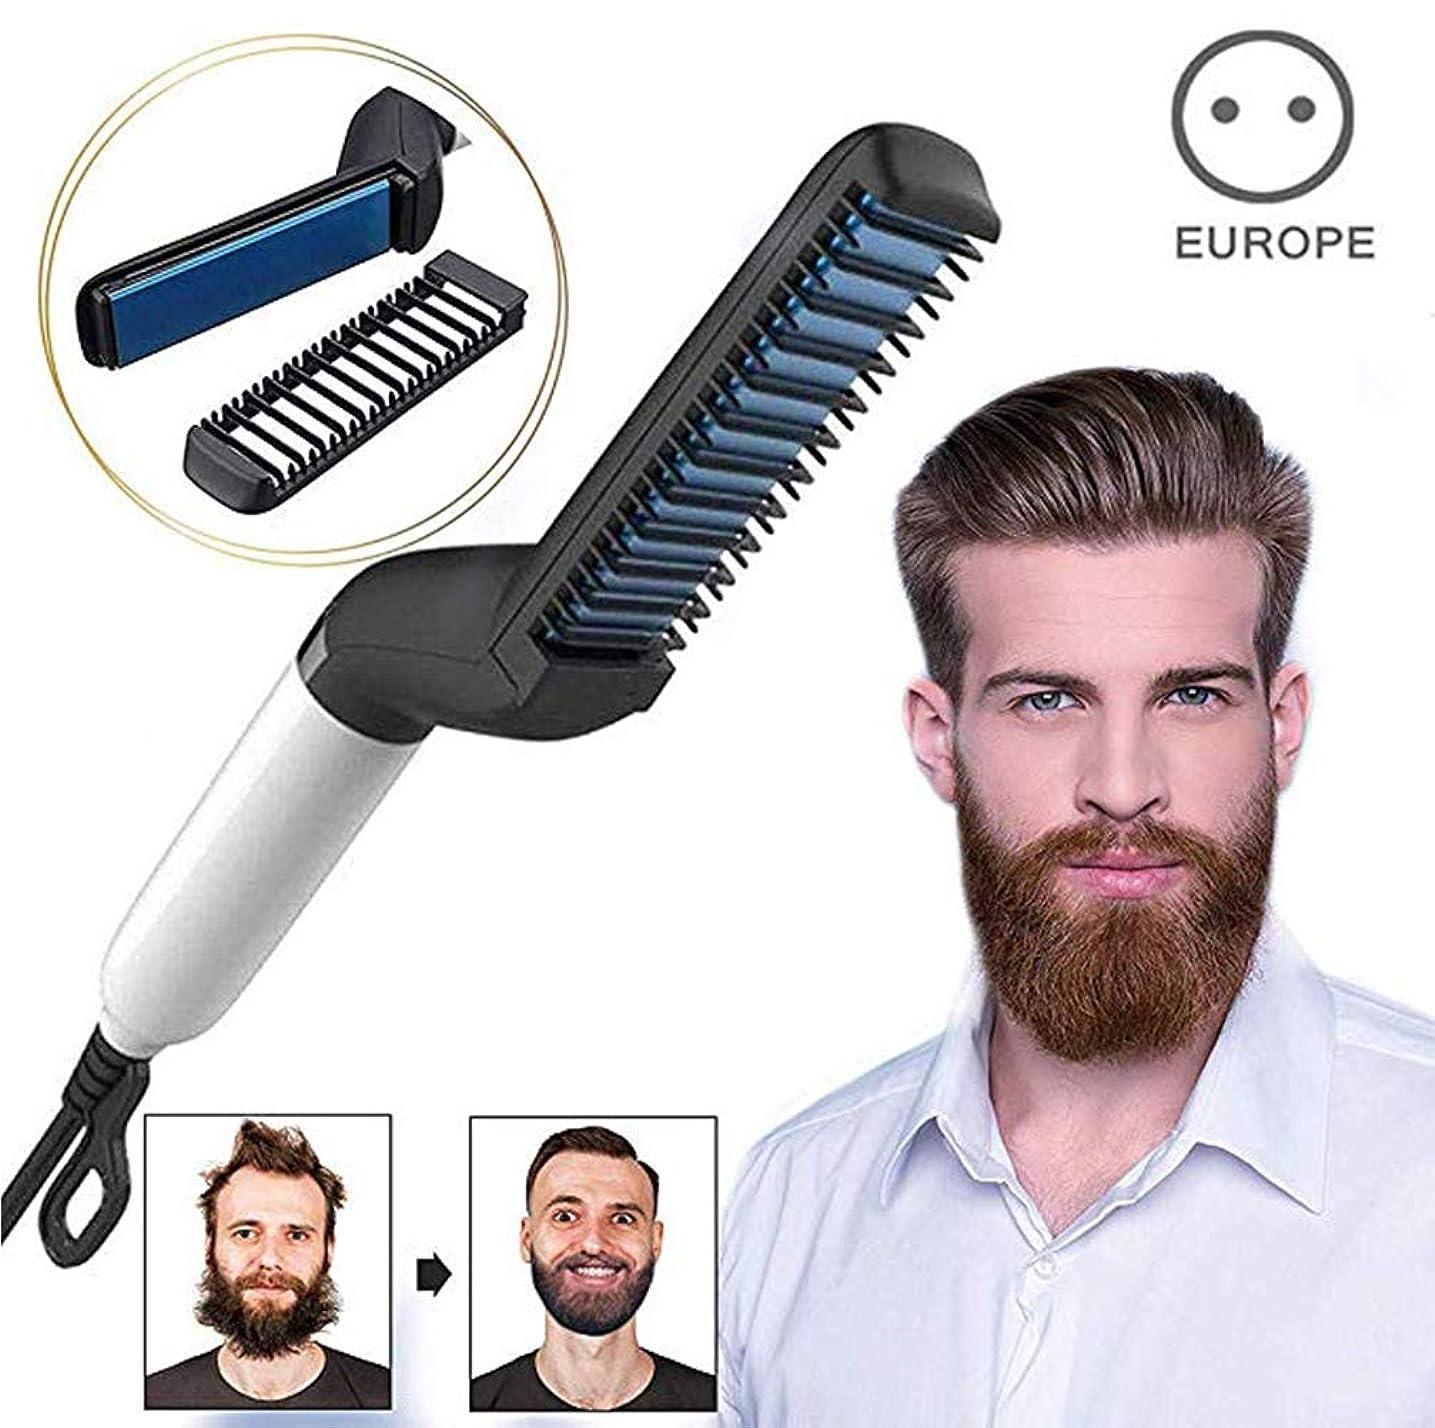 男性ストレートナーひげと髪多機能高速ひげくし鉄ストレートナーひげセラミックヴォルマイズ滑らかにまっすぐに平らな髪